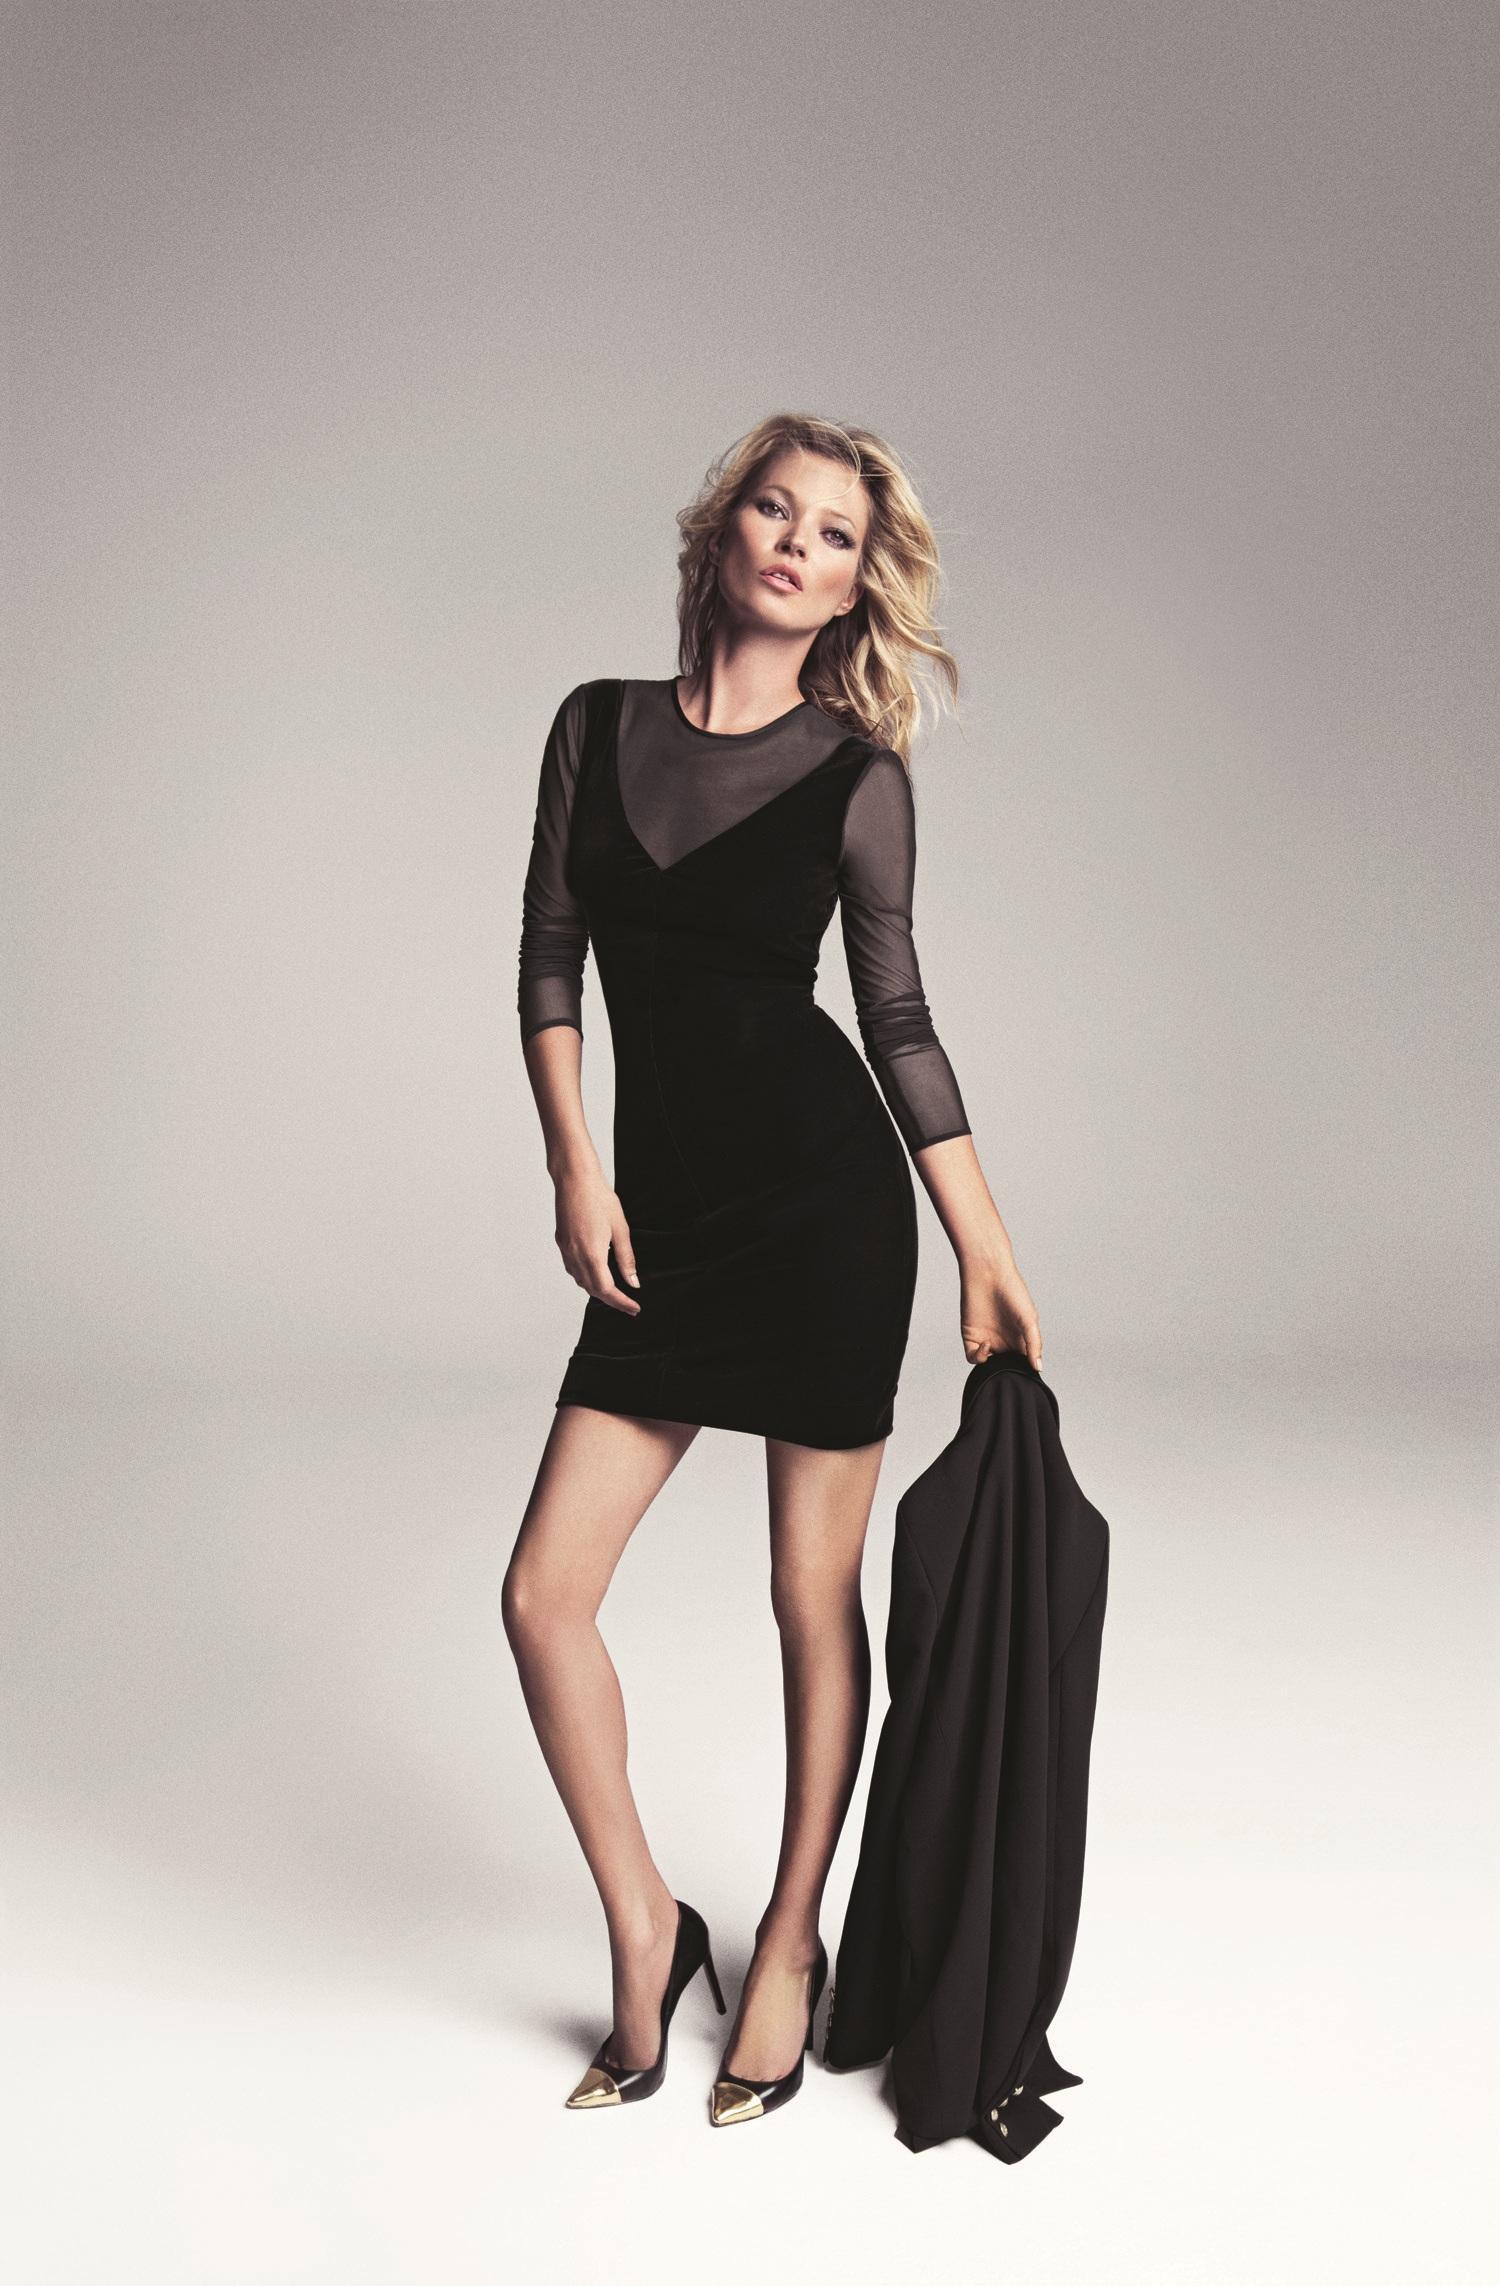 ceece1fca Kate Moss X Mango : 2eme Round - Paperblog